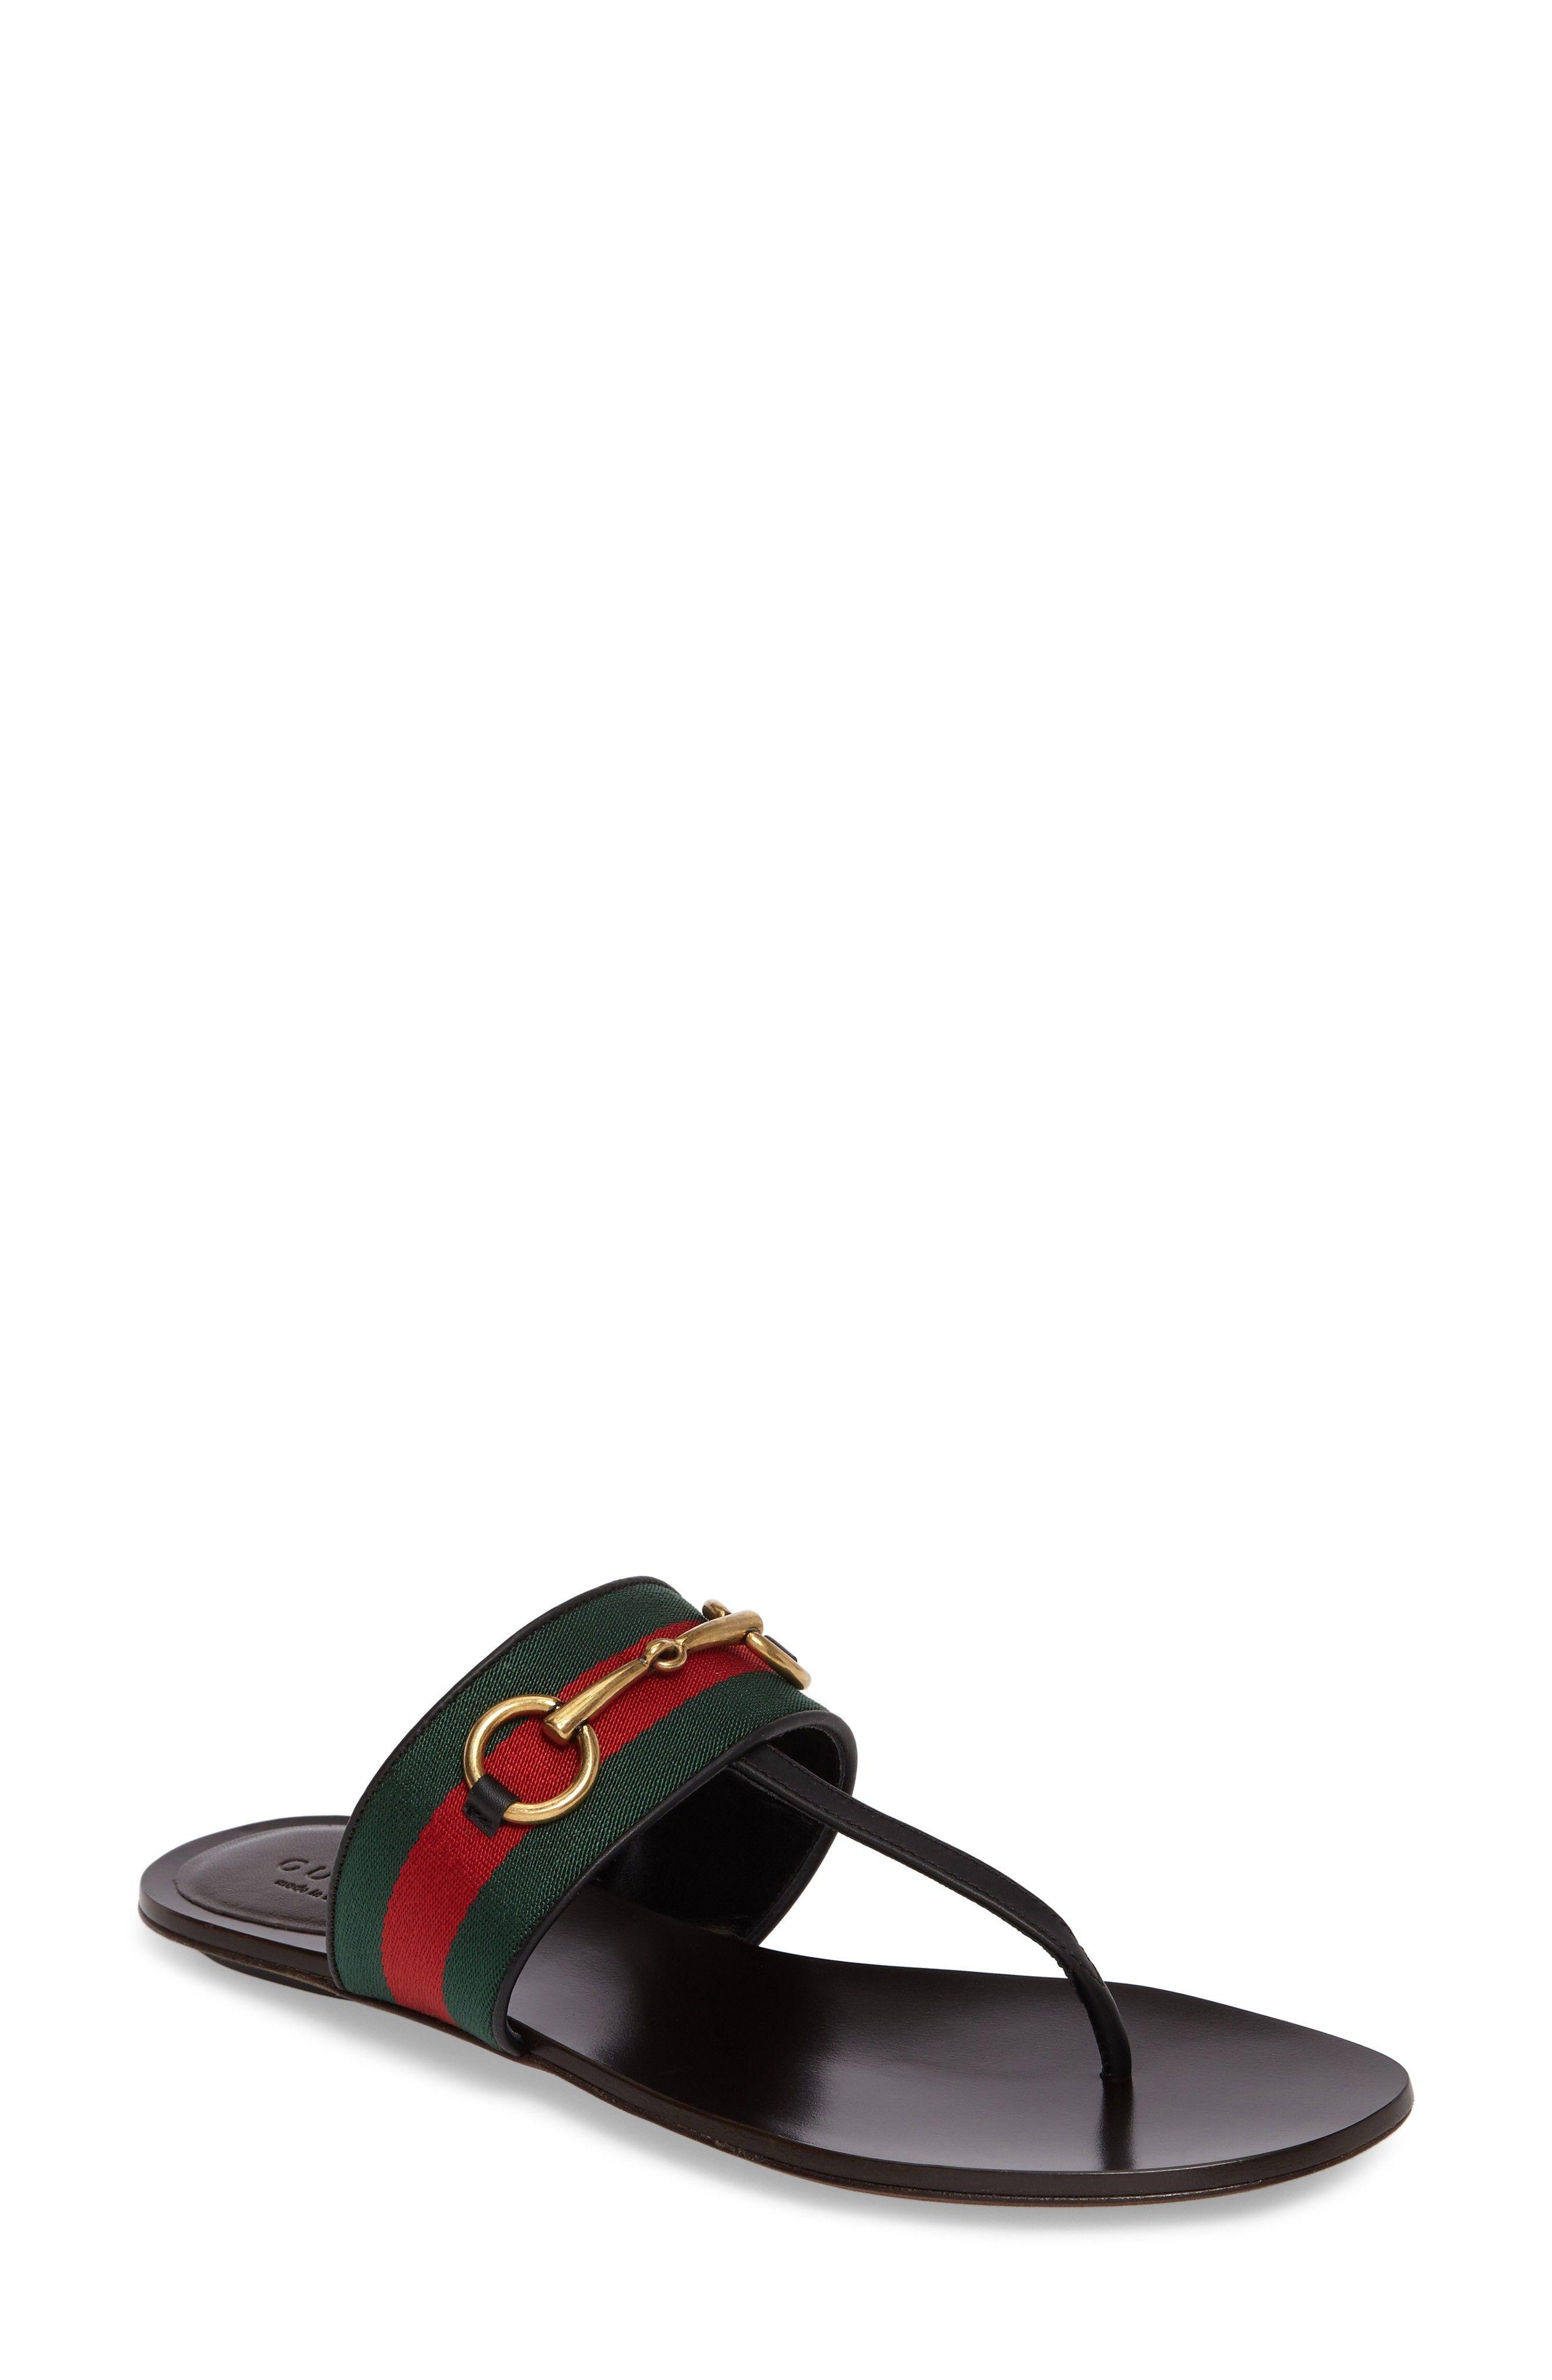 e0aae5746a7 Buy GUCCI Querelle Sandal online. New GUCCI Sandals.   520  SKU  UPQD40946XCQK26283